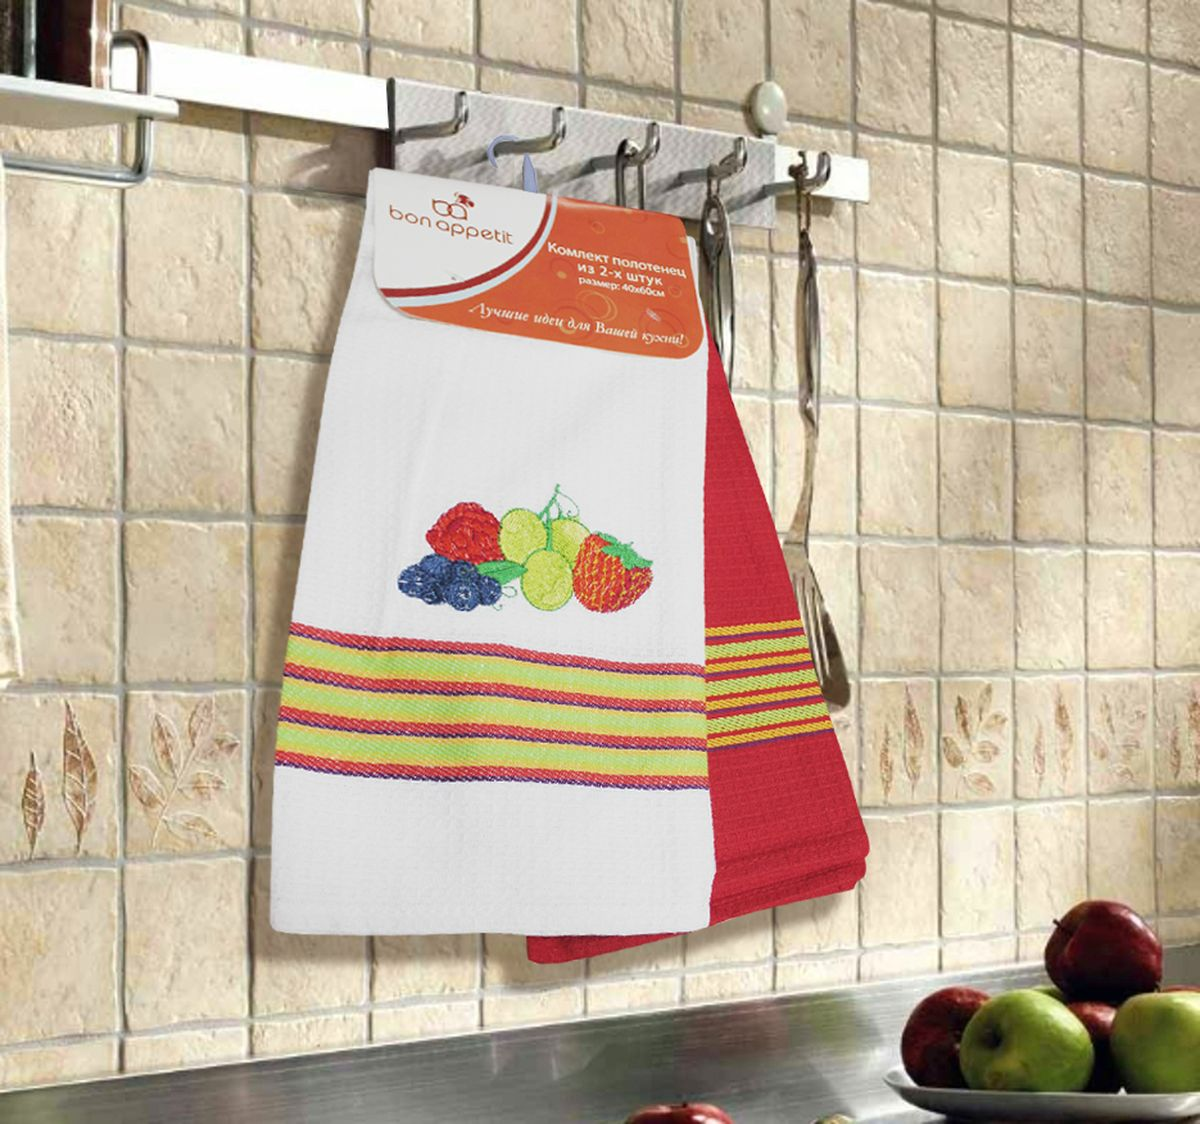 Набор кухонных полотенец Bon Appetit Berrys, цвет: красный, 2 шт64860Кухонные Полотенца Bon Appetit - В помощь хозяйке на кухне!!! Кухонные Полотенца Bon Appetit идеально дополнят интерьер вашей кухни и создадут атмосферу уюта и комфорта. Полотенца выполнены из натурального 100% Хлопка, поэтому являются экологически чистыми. Качество материала гарантирует безопасность не только взрослых, но и самых маленьких членов семьи.Bon Appetit – Интерьер и Практичность Современной Кухни!